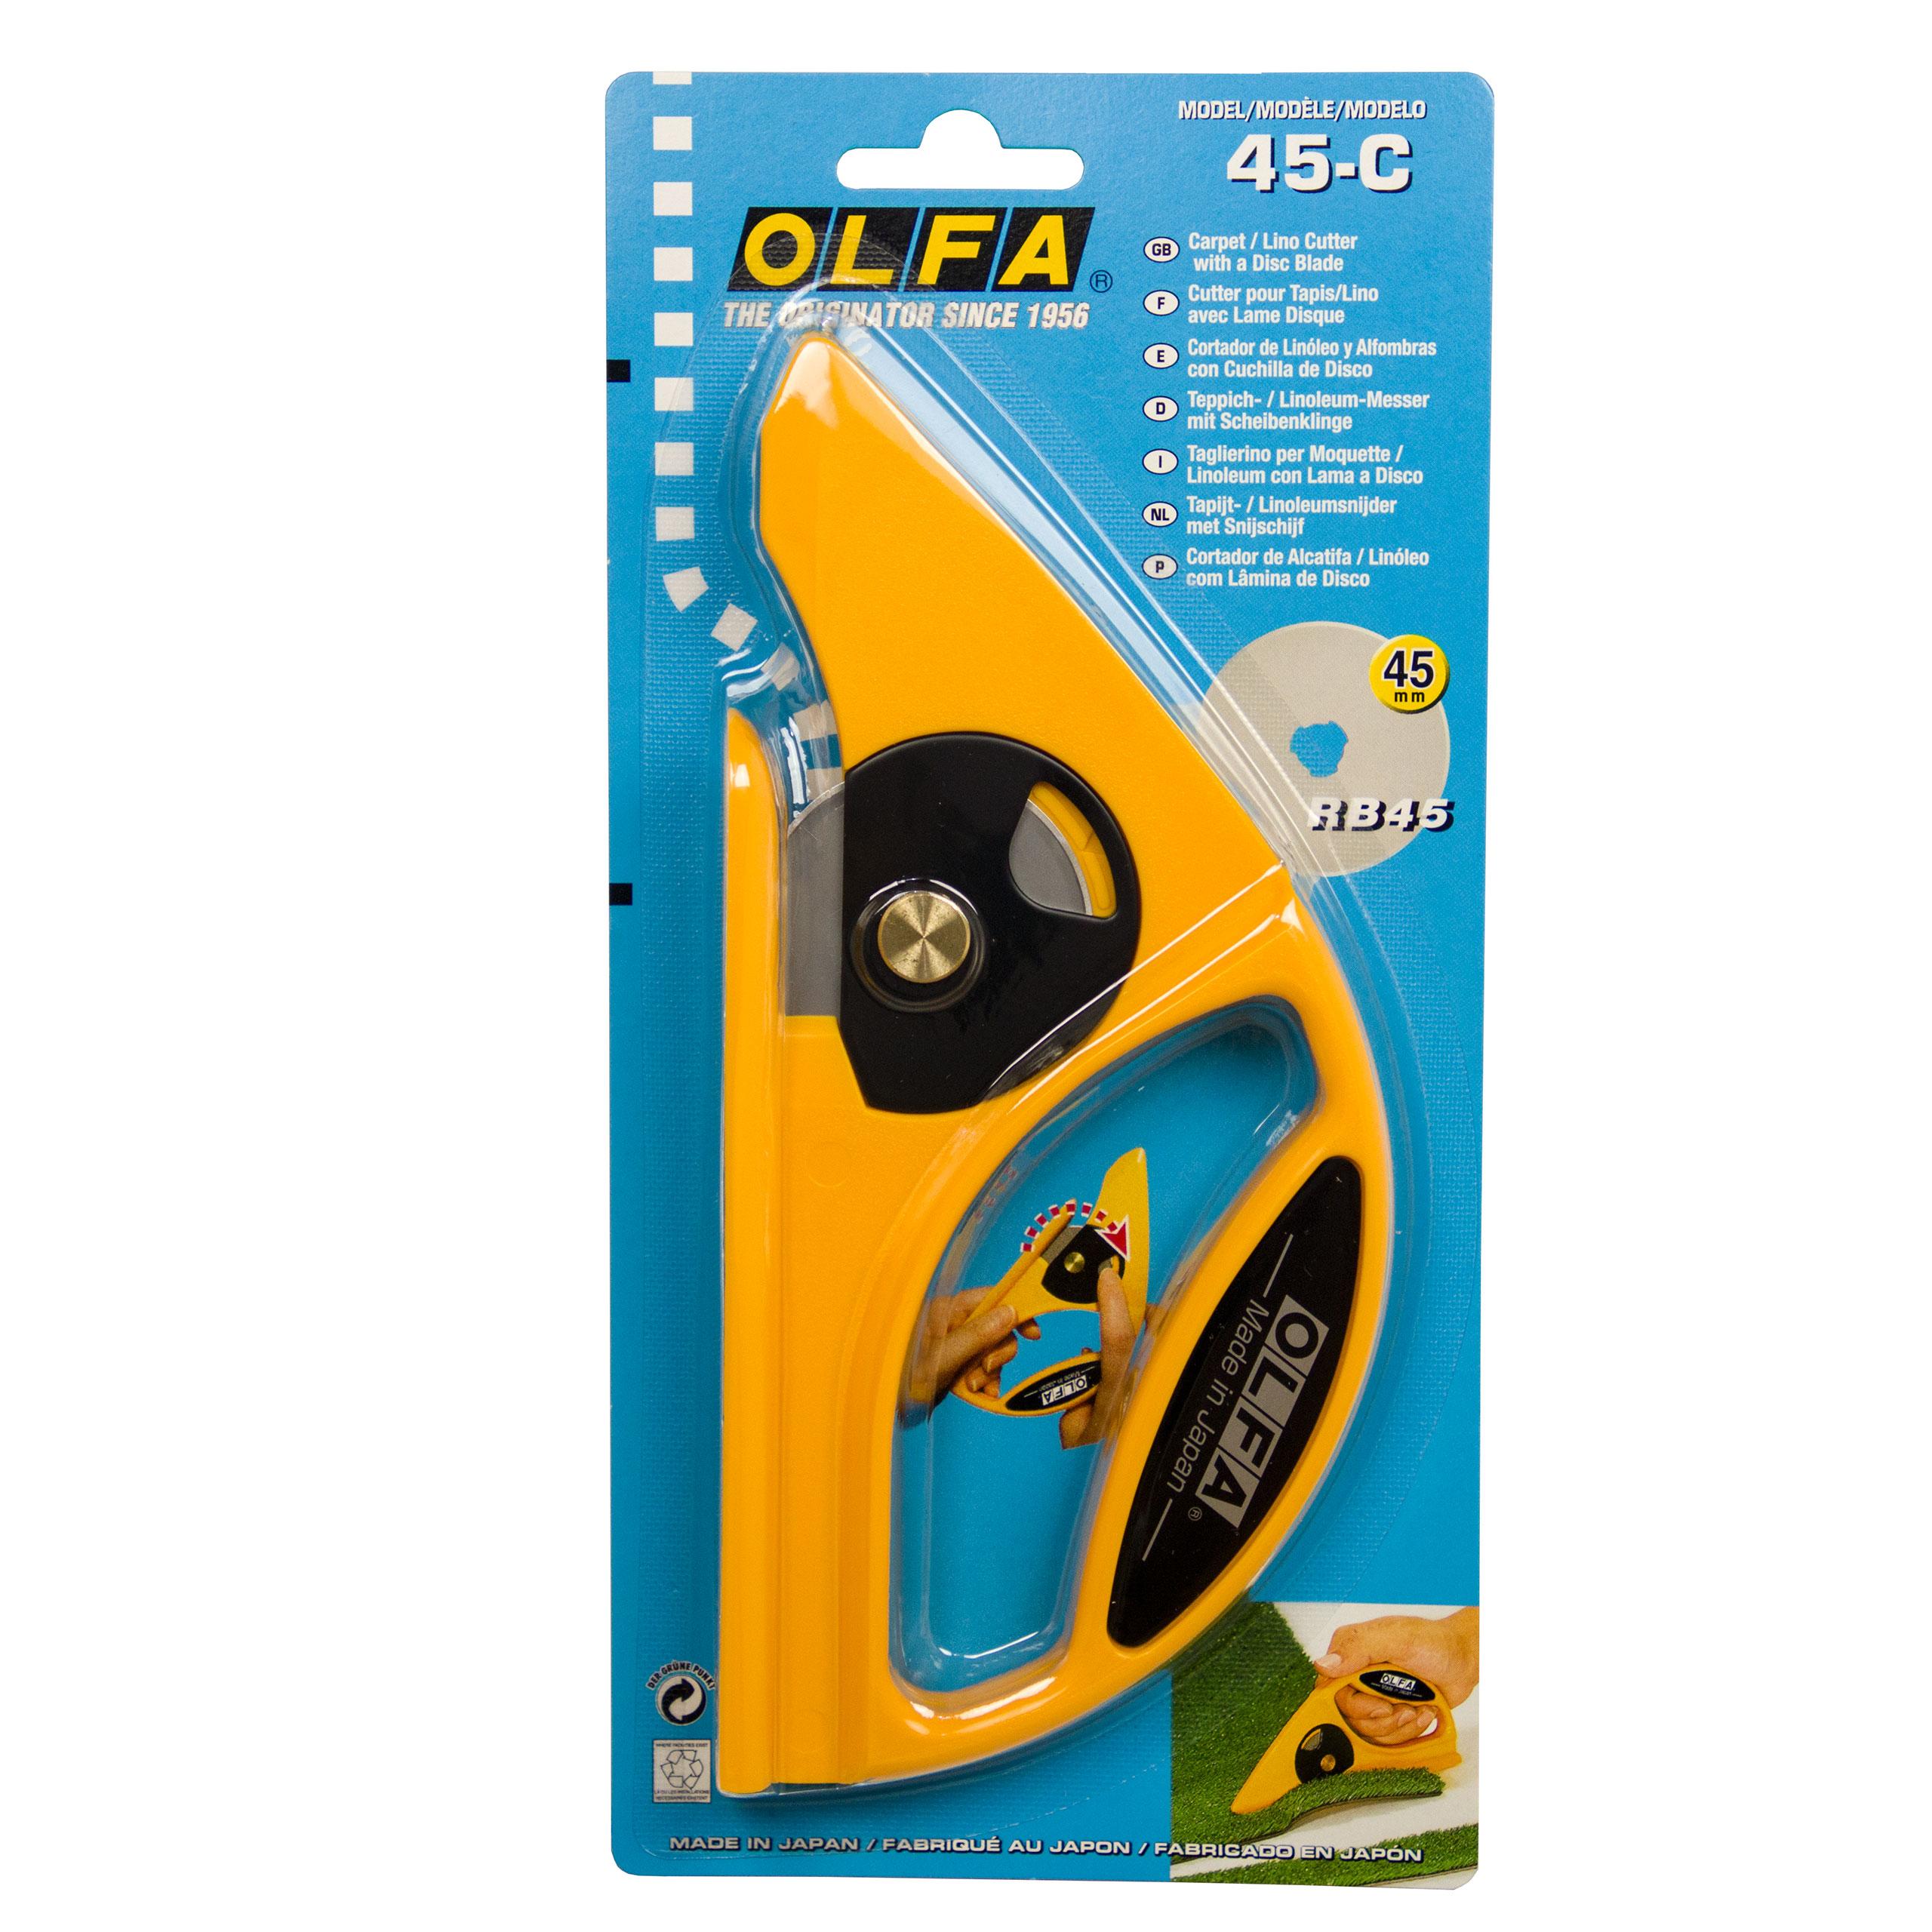 Olfa Rundklingen Cutter 45C